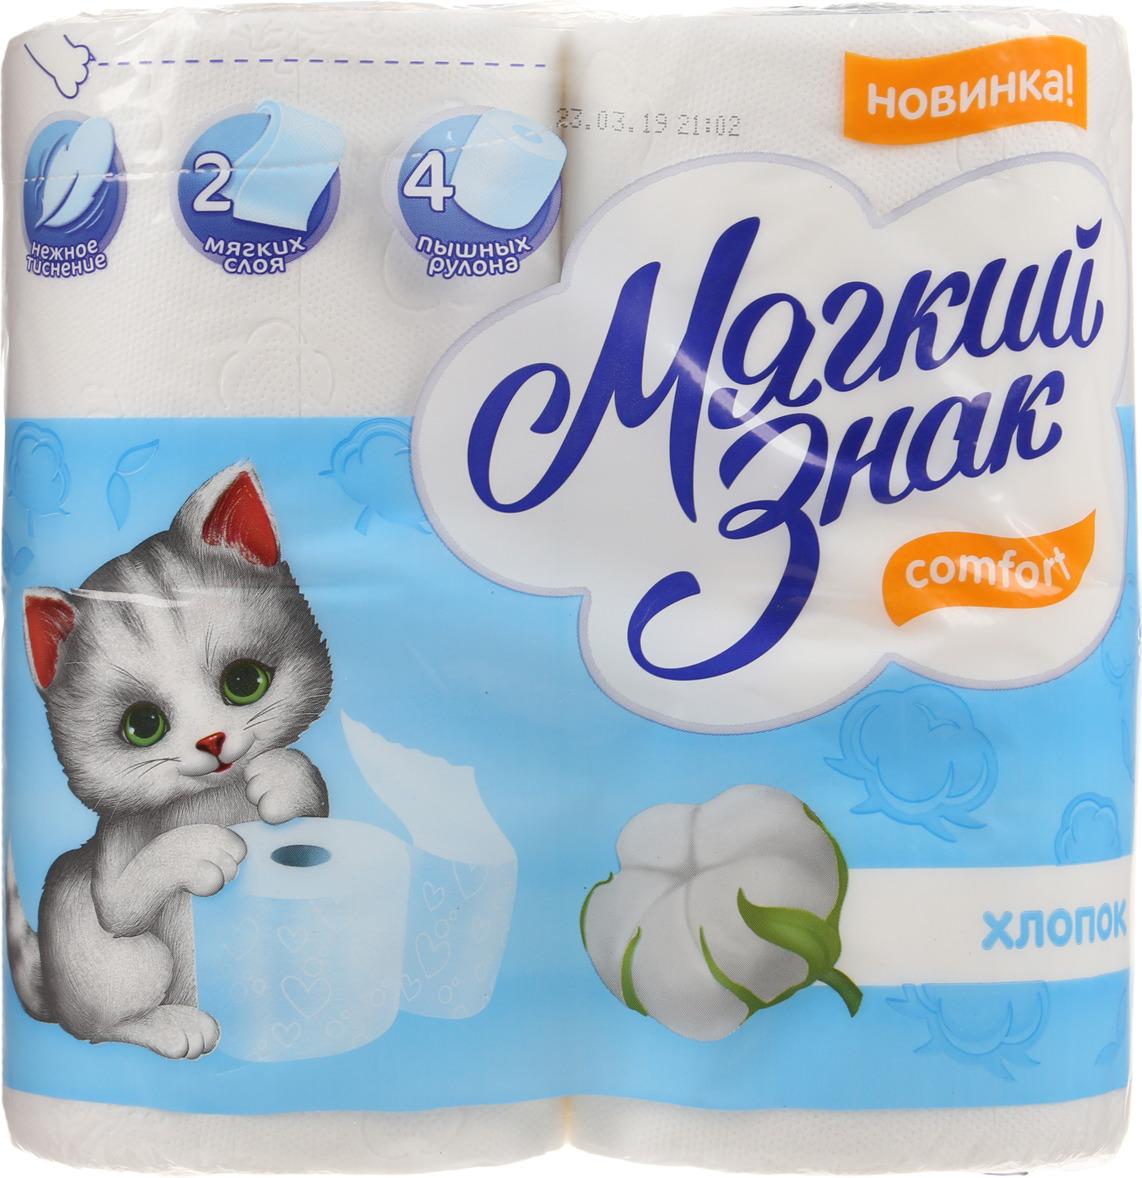 Туалетная бумага Мягкий знак, двухслойная, цвет: белый, 4 рулона полотенца бумажные мягкий знак двухслойные цвет белый 4 рулона